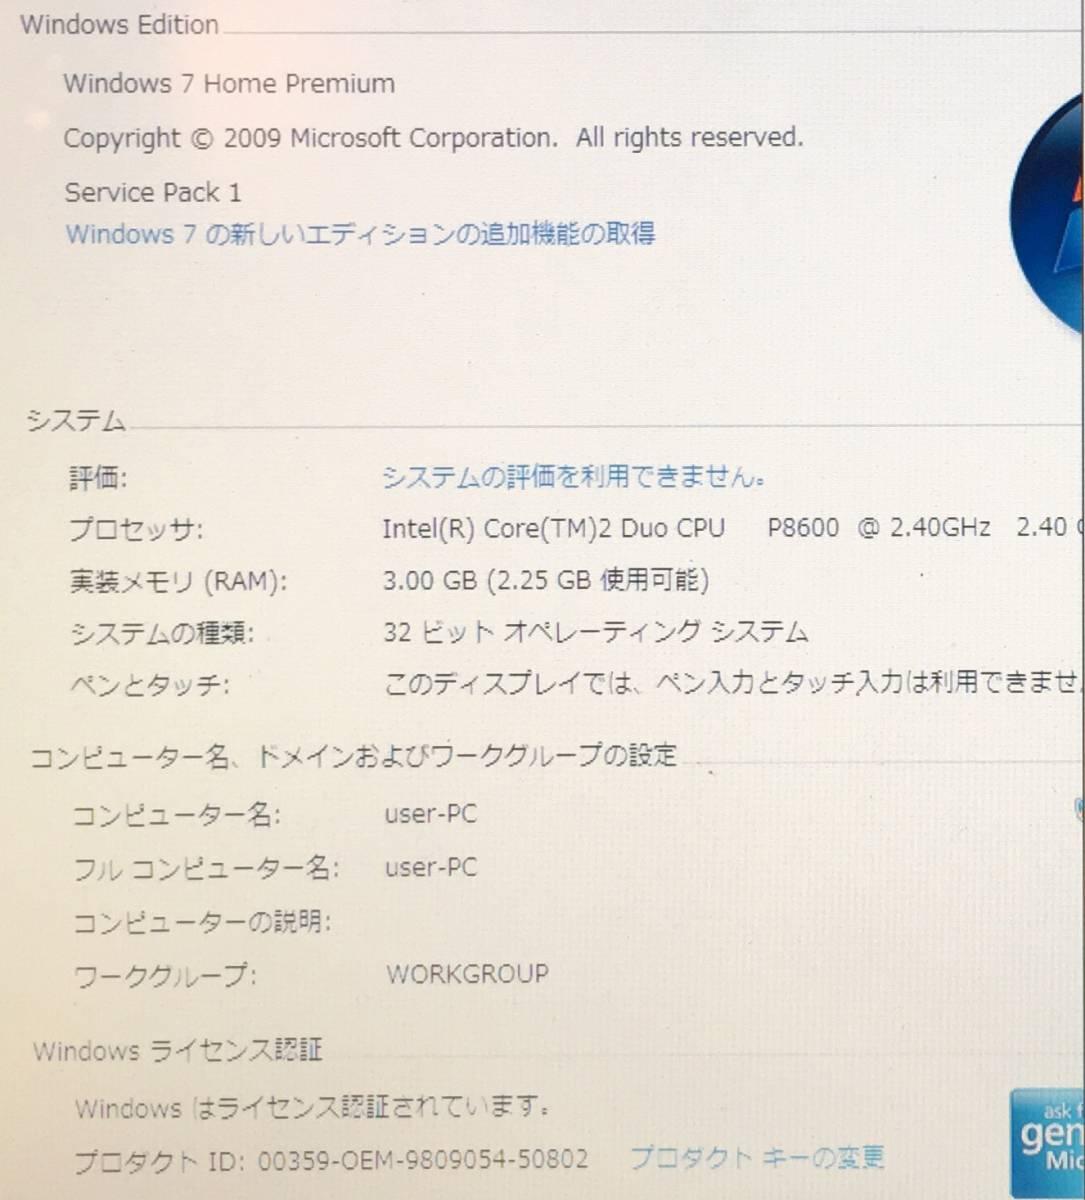 ★大人気★DELL(デル)Studio XPS13 Windows7 Home Premium 32bit ★黒のシャープなスタイリッシュデザイン☆動作確認済☆_画像4